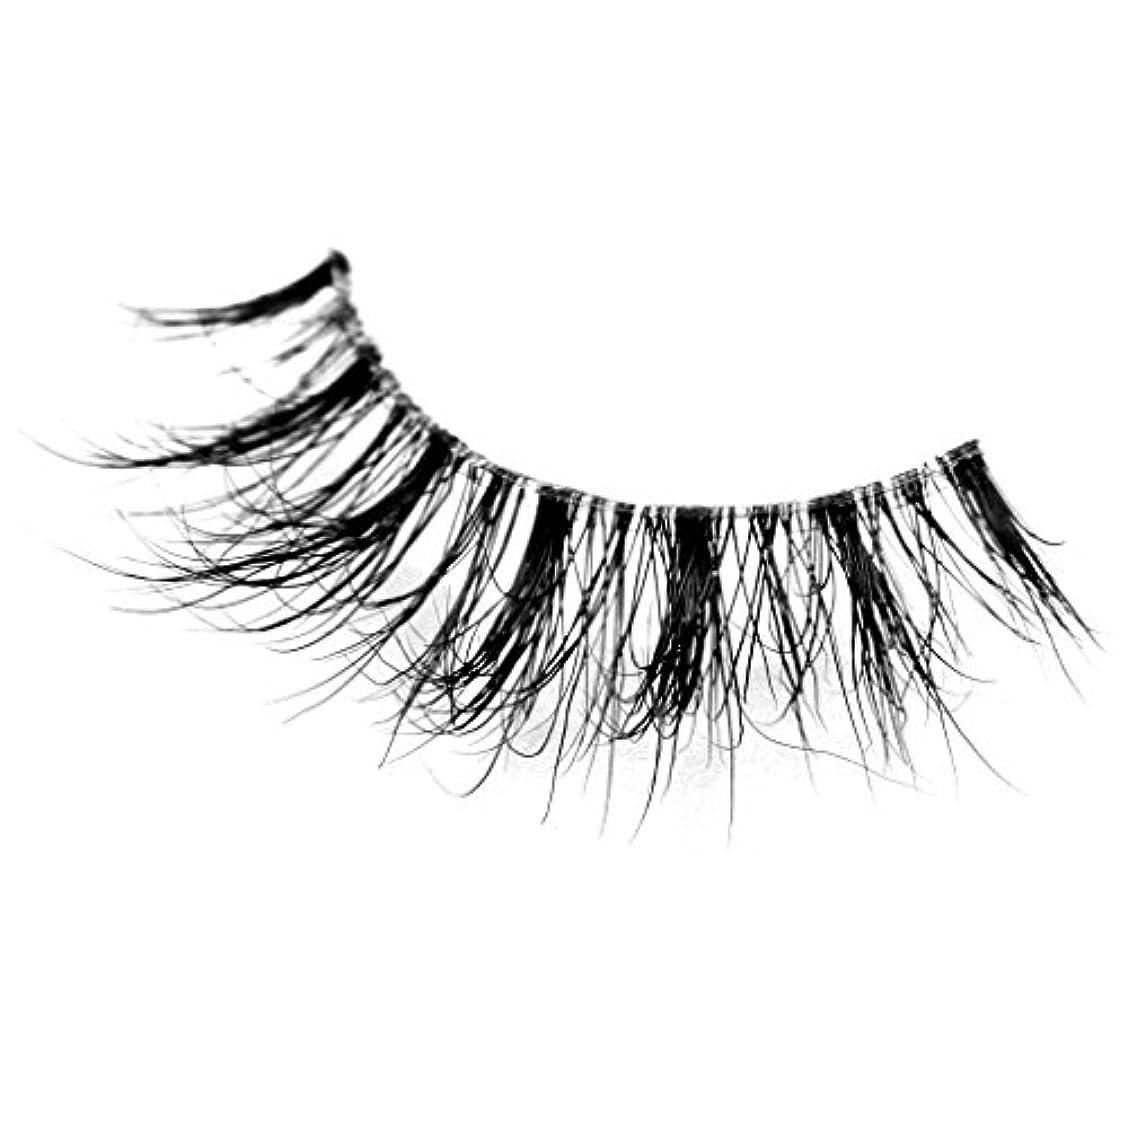 刺激する回答正統派Musegetes Handmade 3D Mink False Eyelashes Natural for Makeup, Reusable with Clear Invisible Flexible Band 1 Pair...